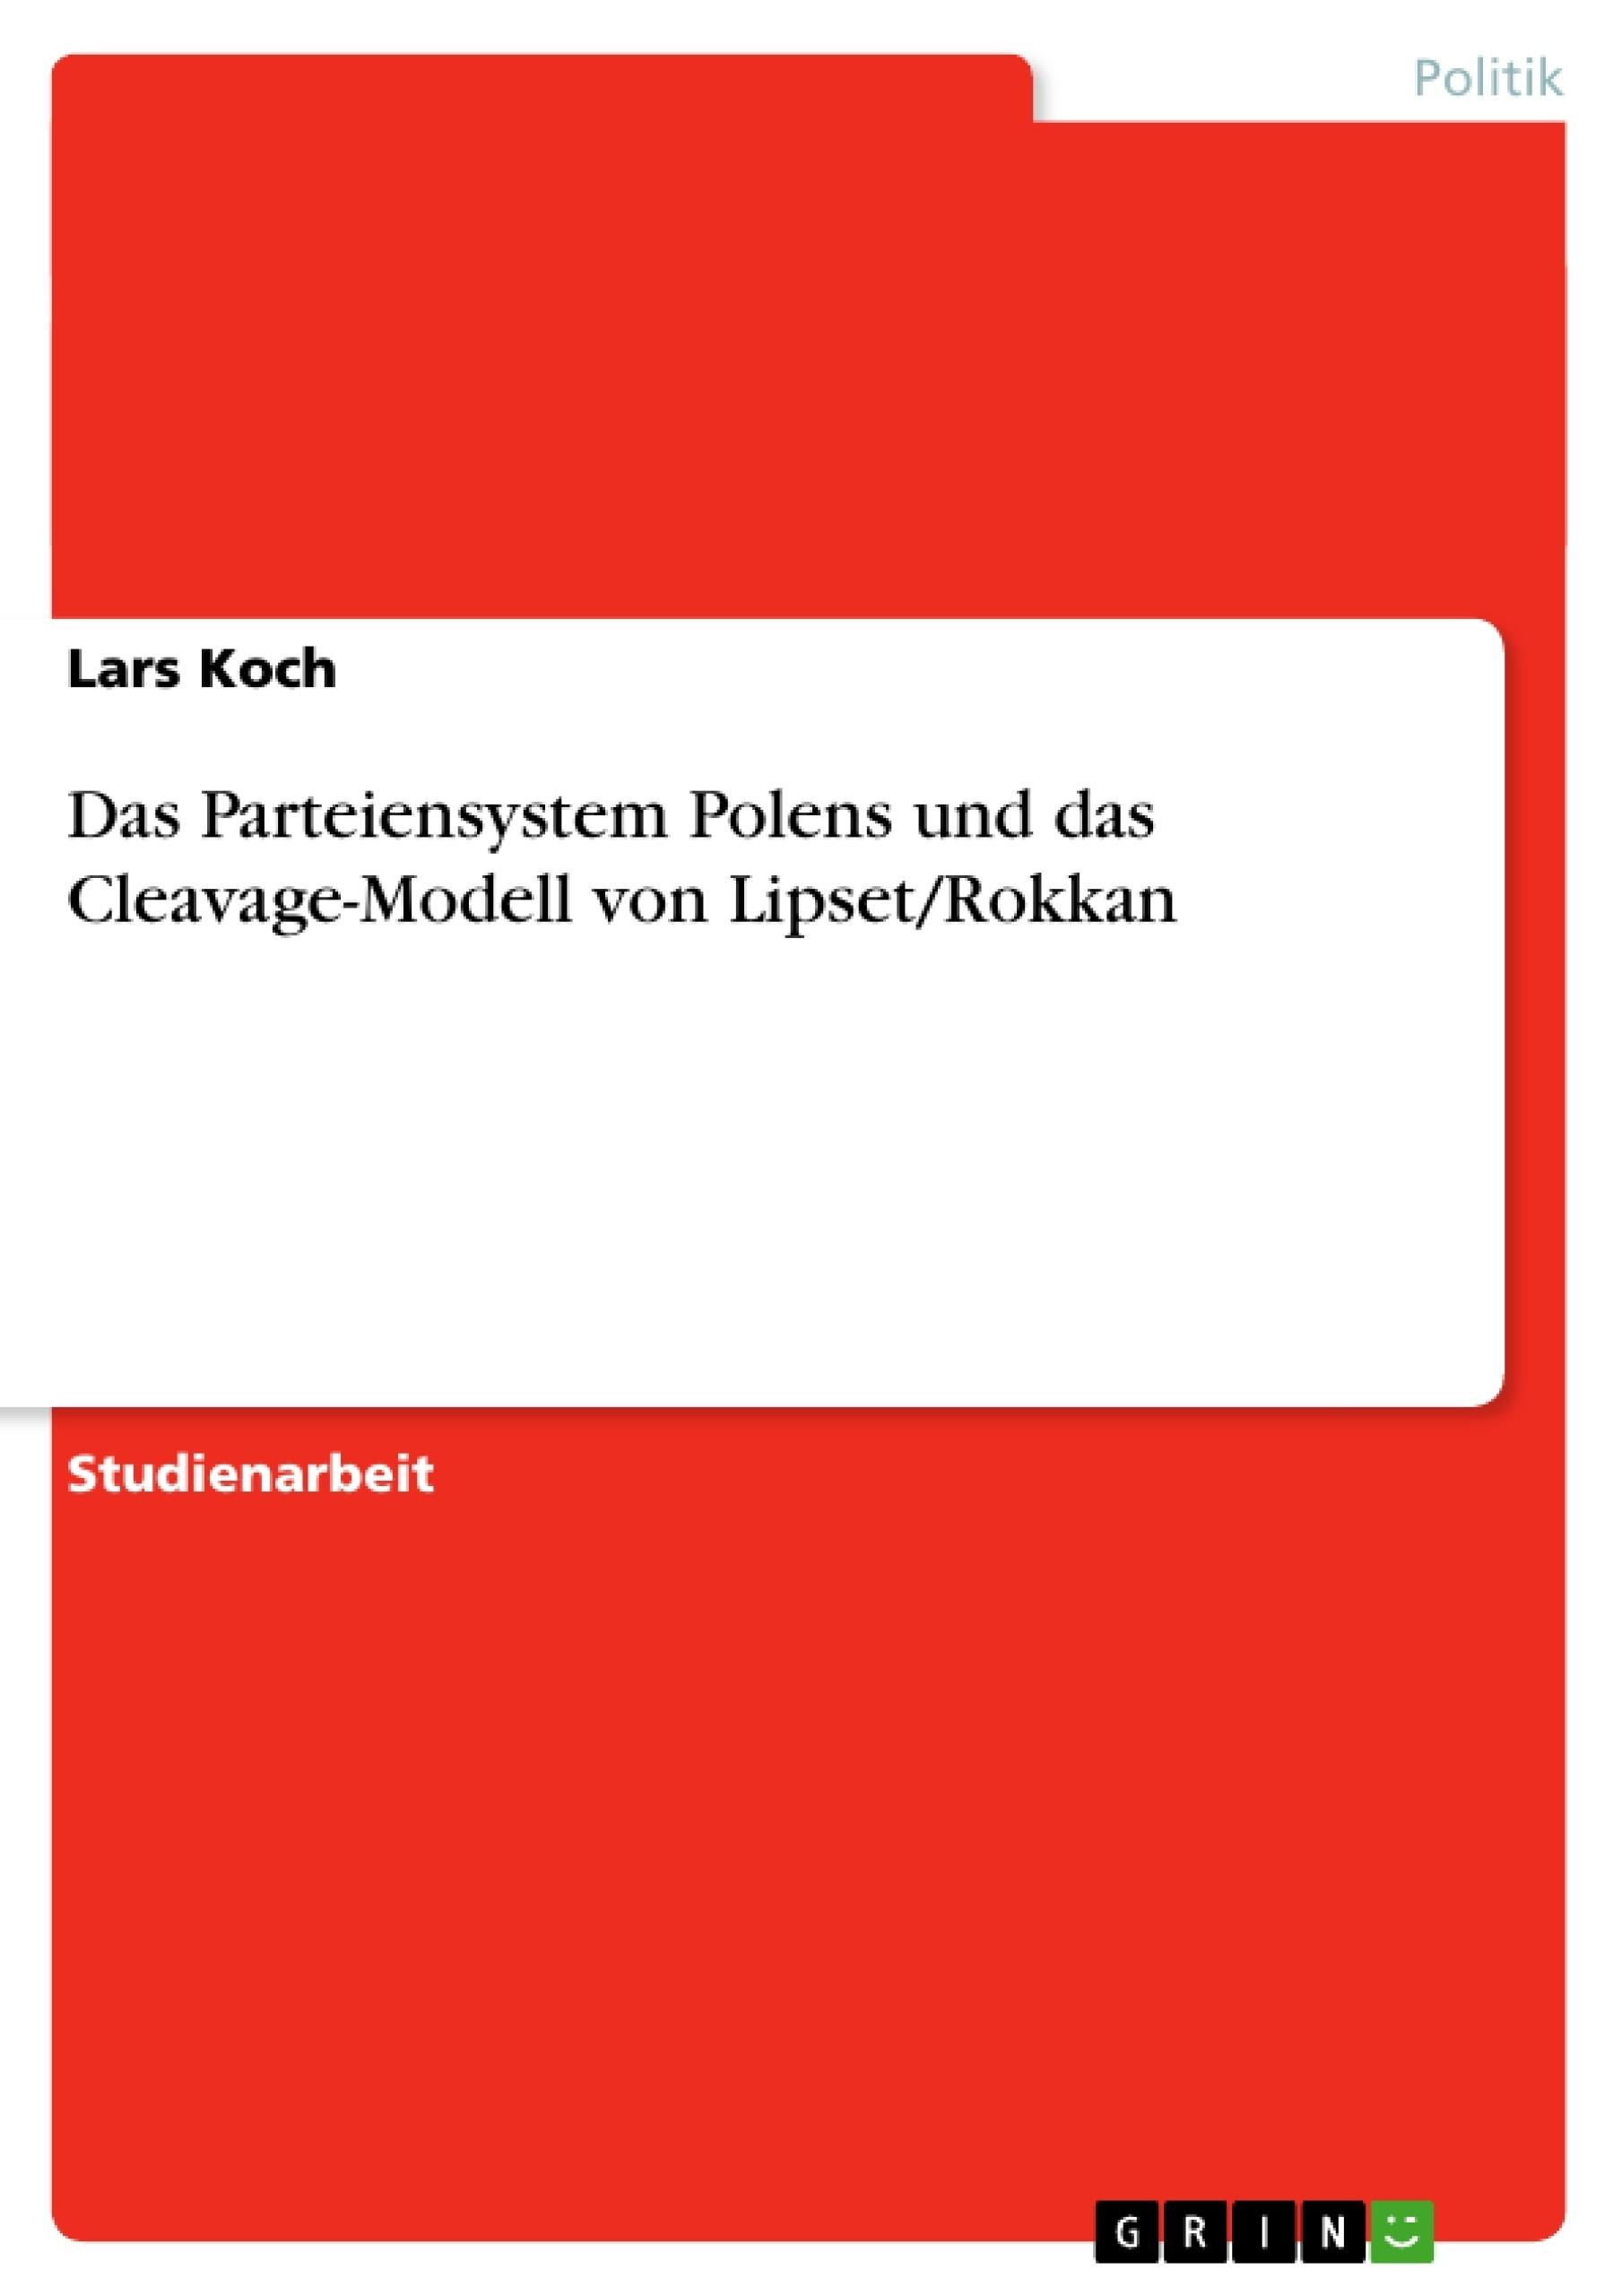 Titel: Das Parteiensystem Polens und das Cleavage-Modell von Lipset/Rokkan